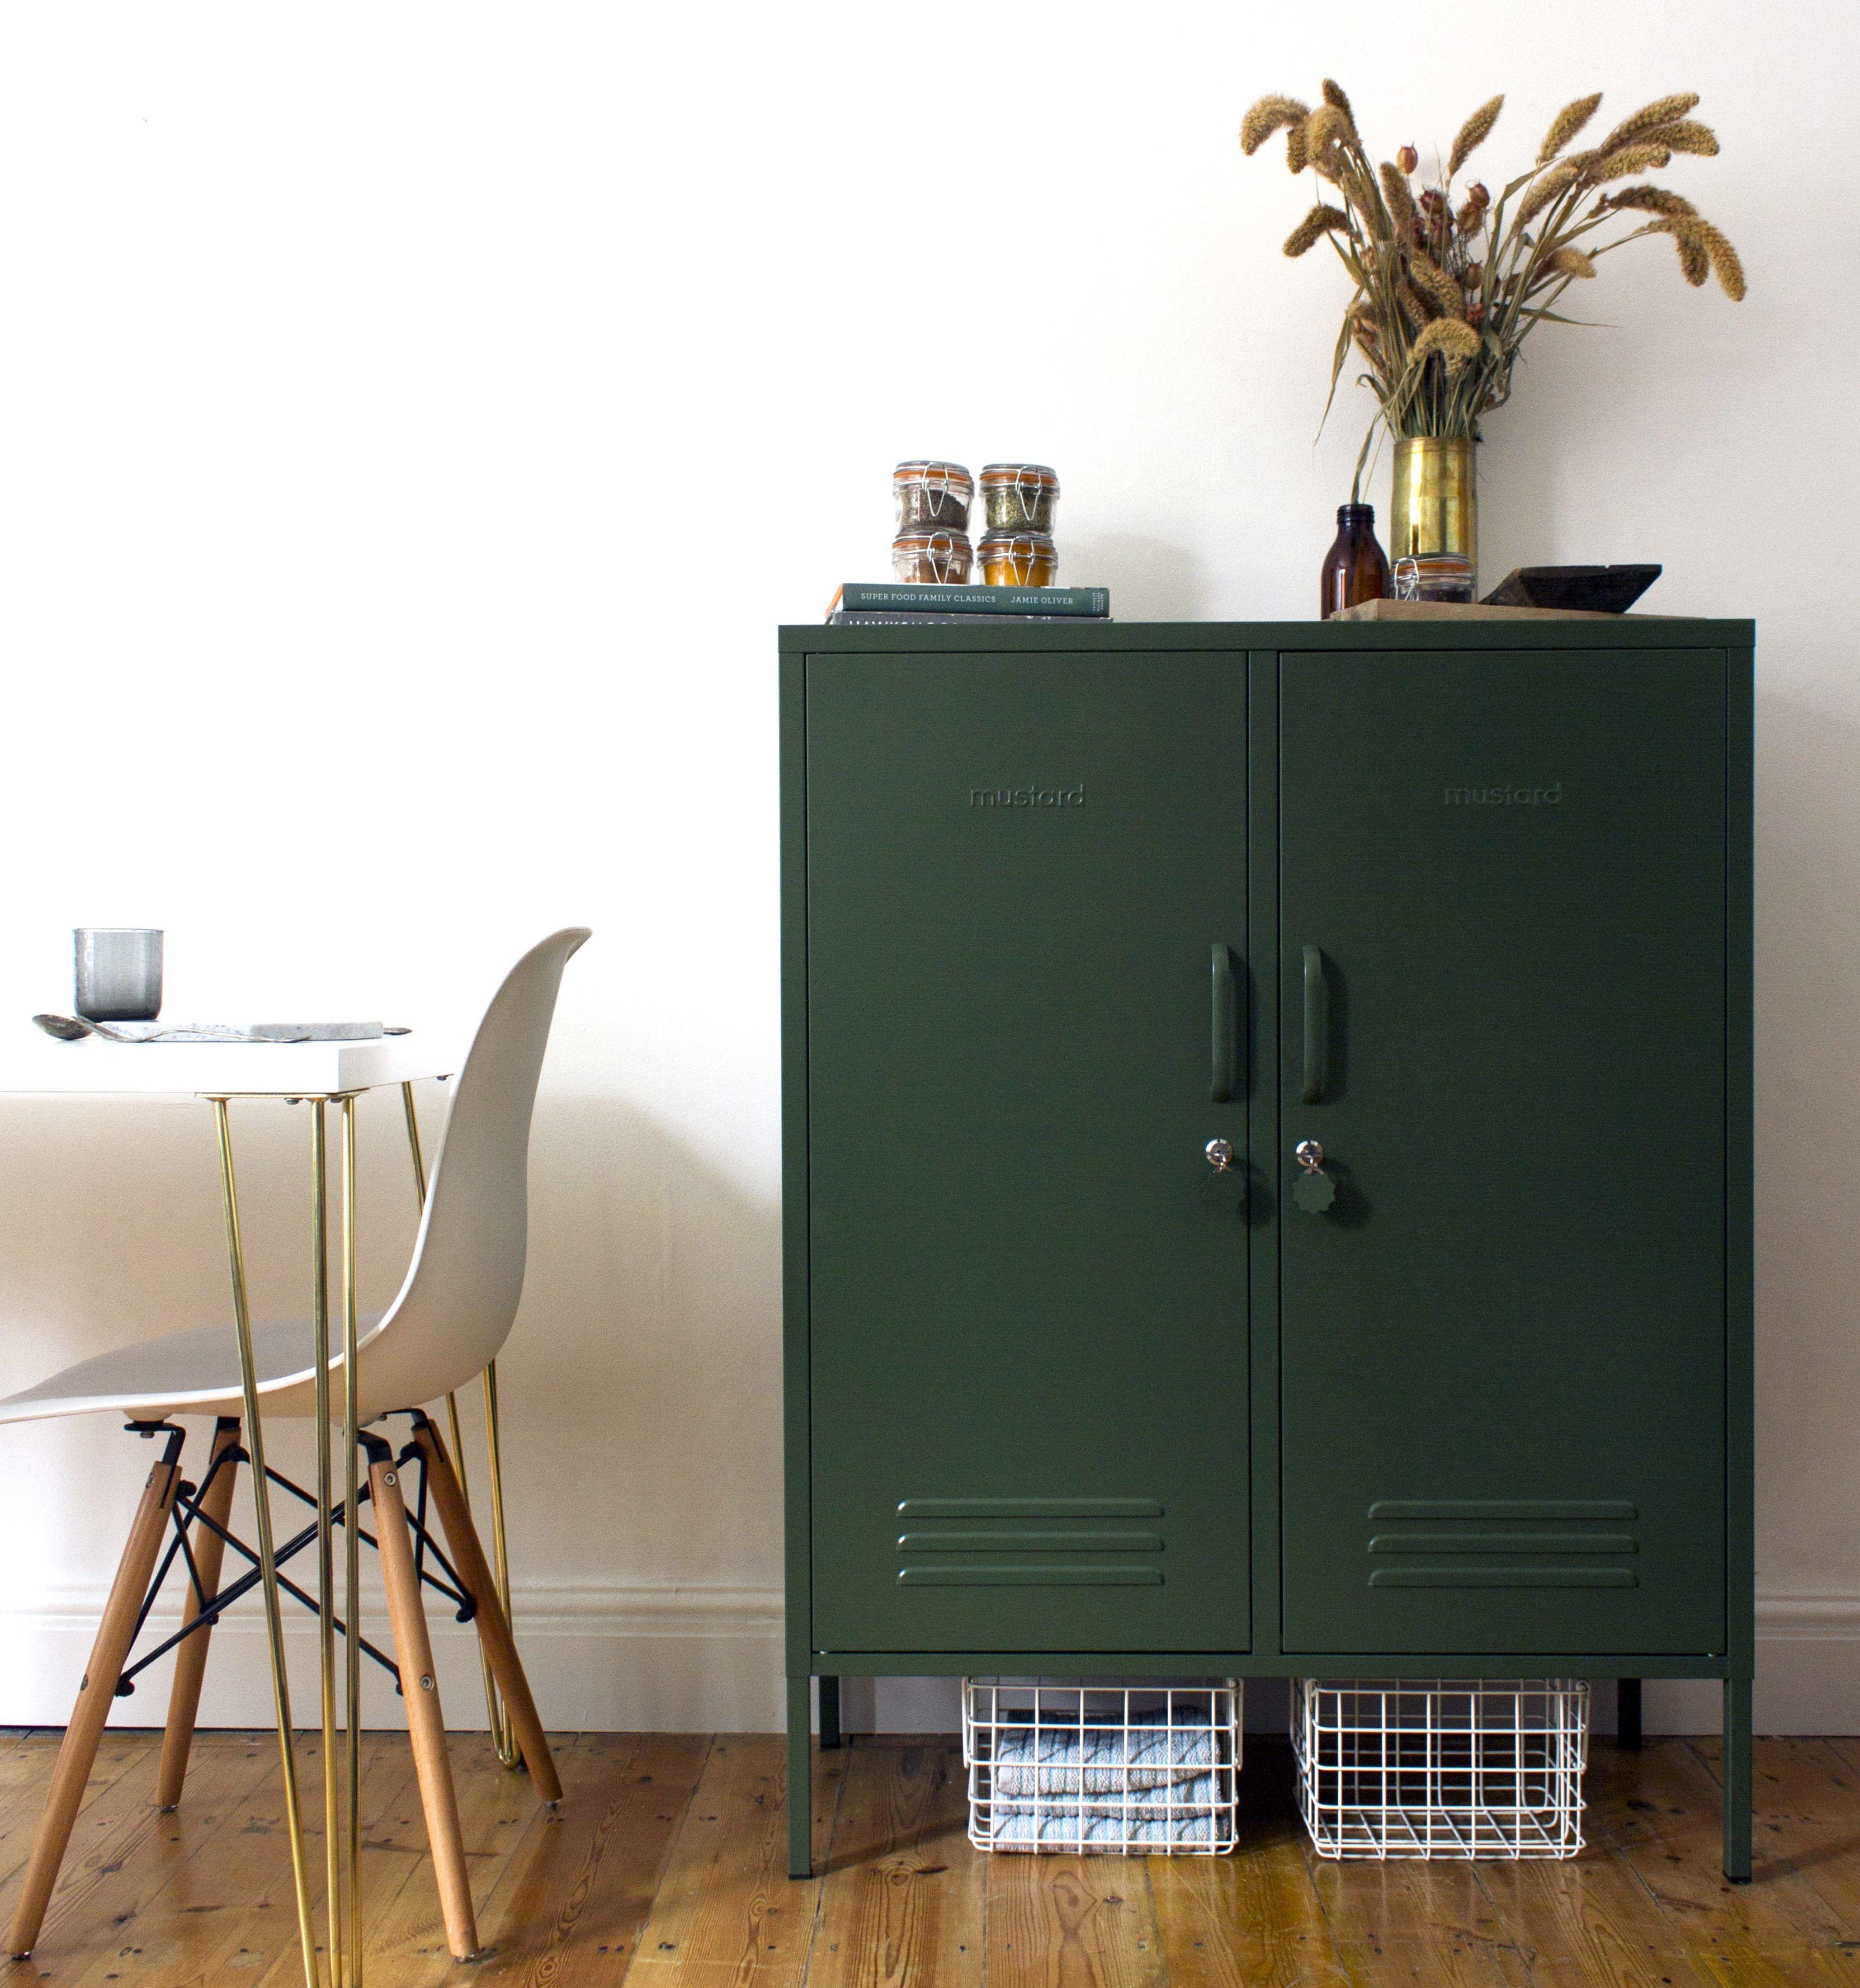 The Midi in Olive Metal lockers, Tall storage